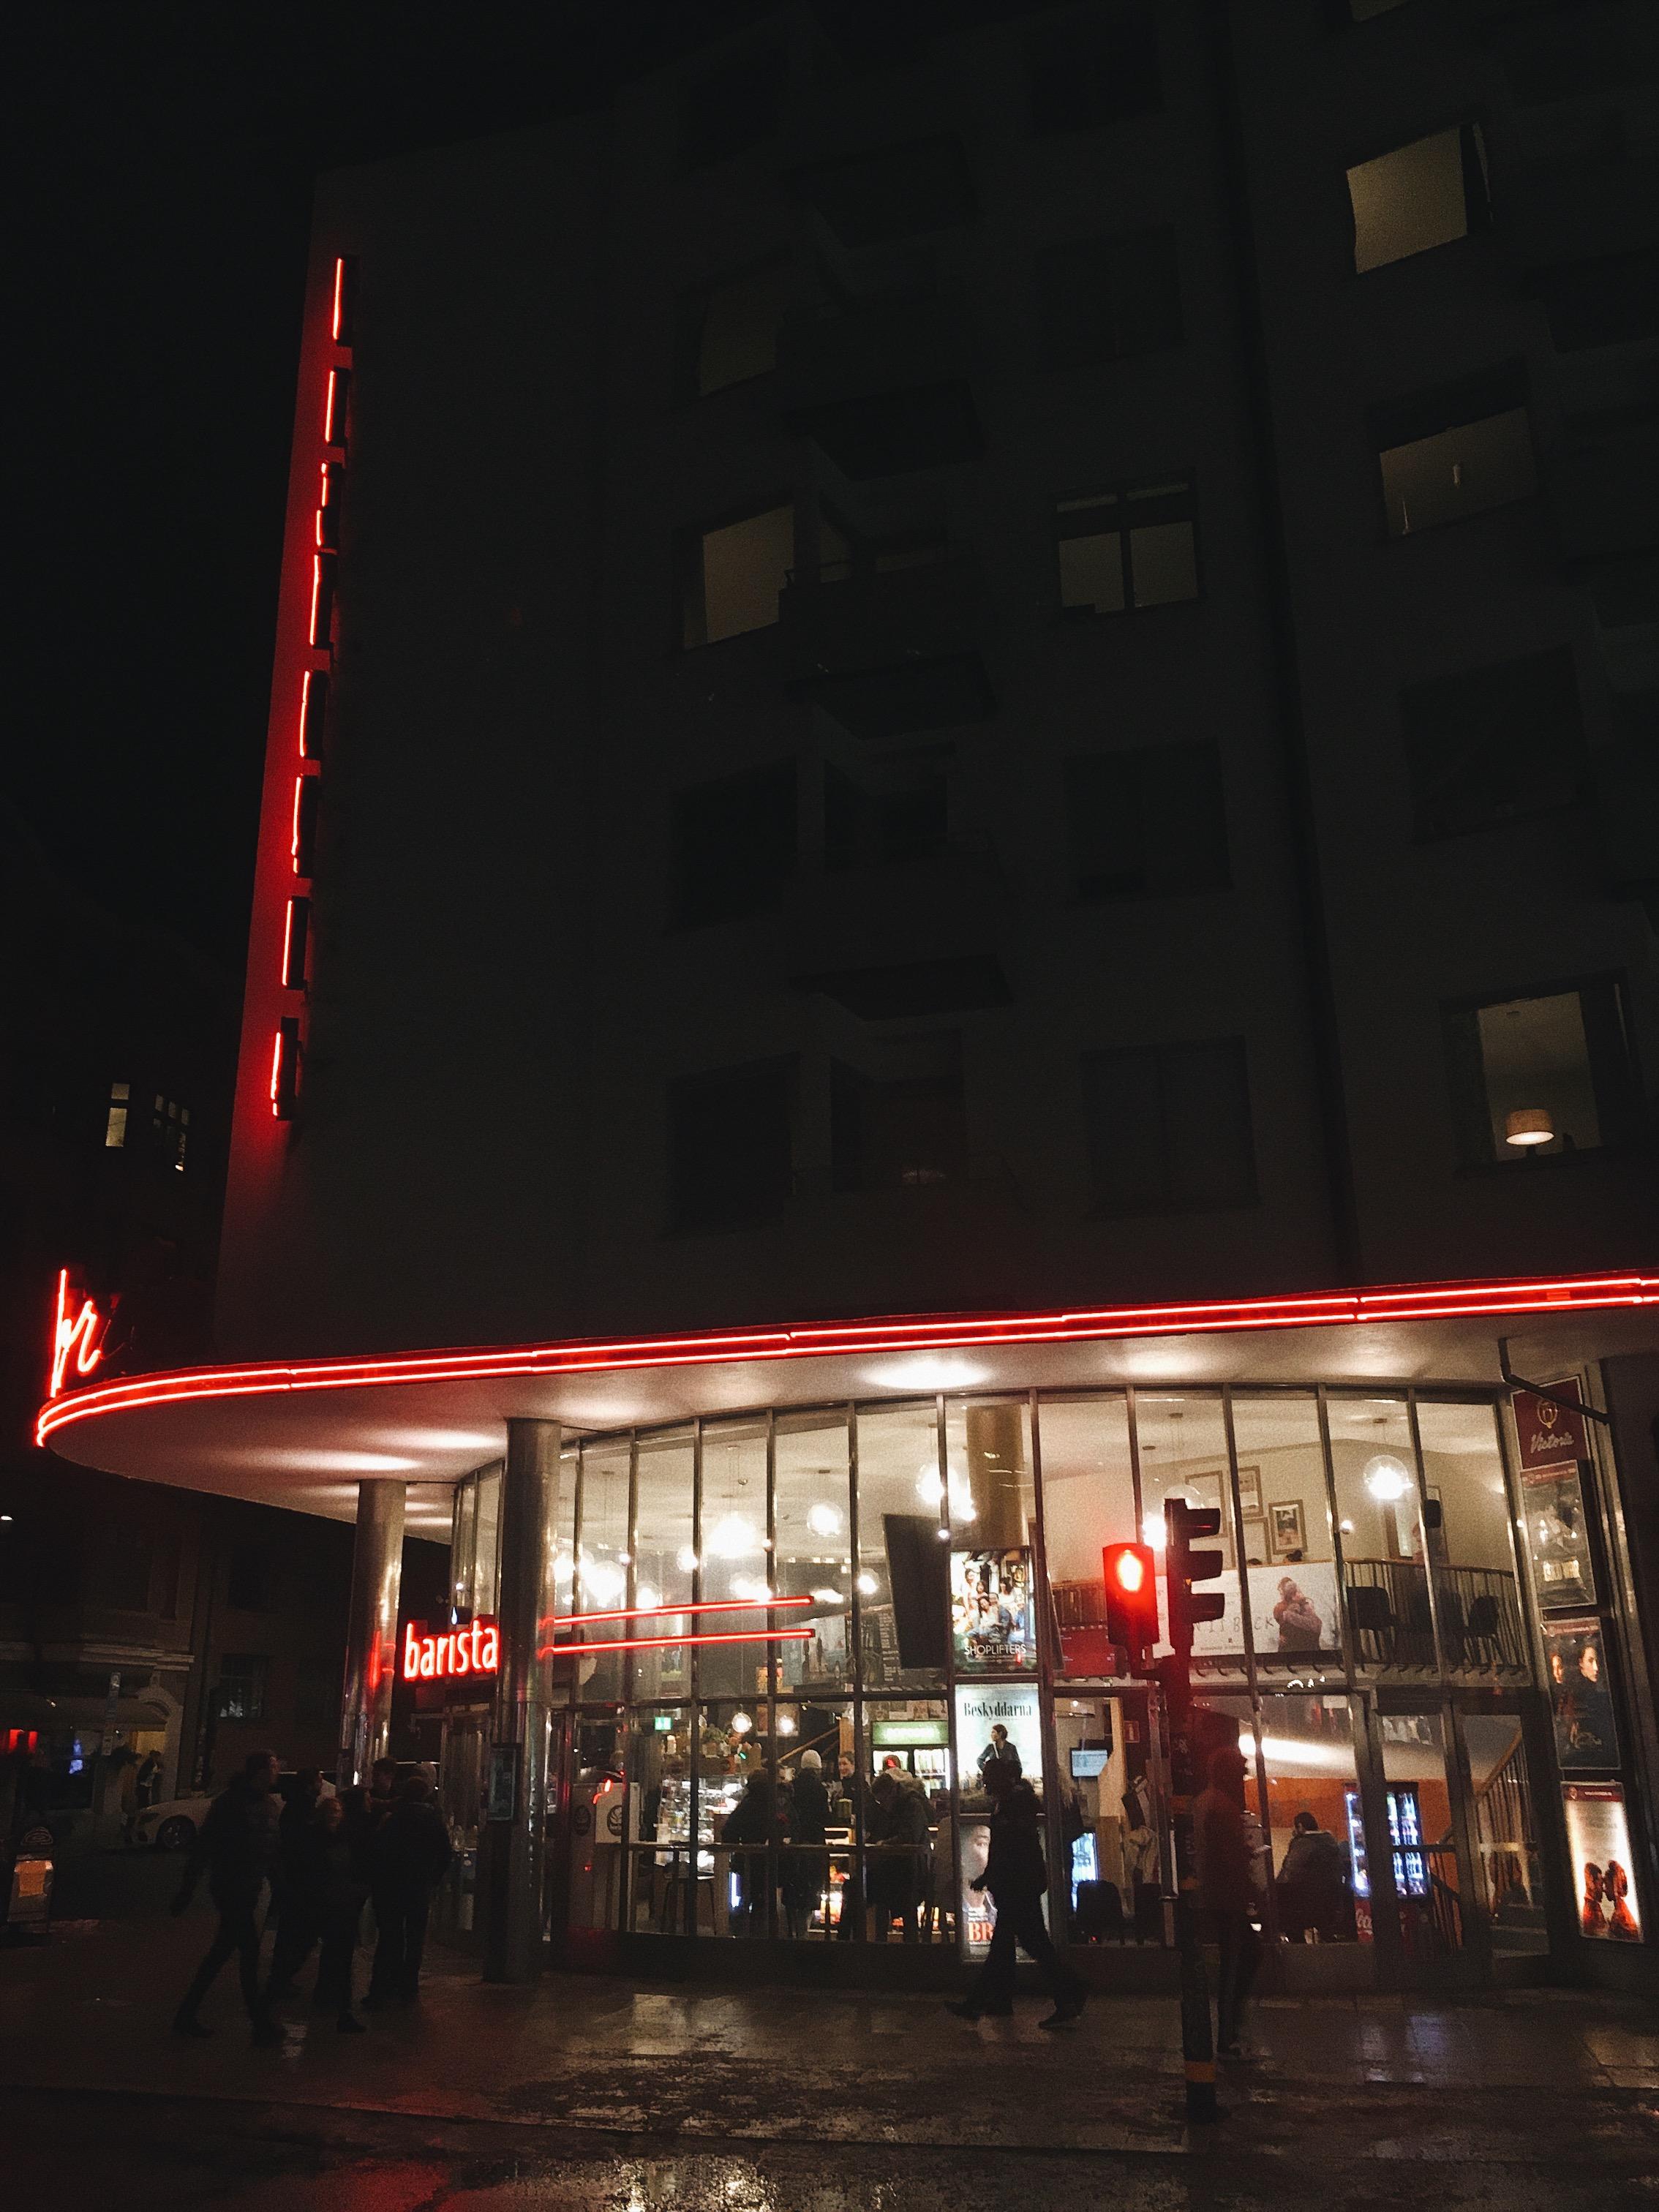 """Barista i Victoriabiografen, Götgatan 67 - Mån-Fre: 07:30-21:30Lör-Sön: 10-21:30Bryggkaffe 34-40 kr.Trängs med popcornhatande pensionärer och hippa baristor på stans trevligaste biograf. Kika ut genom fönster till väggar på Götgatans myller.Det bästa stället för en dejt! Går det bra kan du """"spontant"""" föreslå att gå på bio och se första bästa föreställning av vad som helst och går det dåligt kan du enkelt fly till närliggande gallerior eller Gröna Linjen. Alla får härma."""